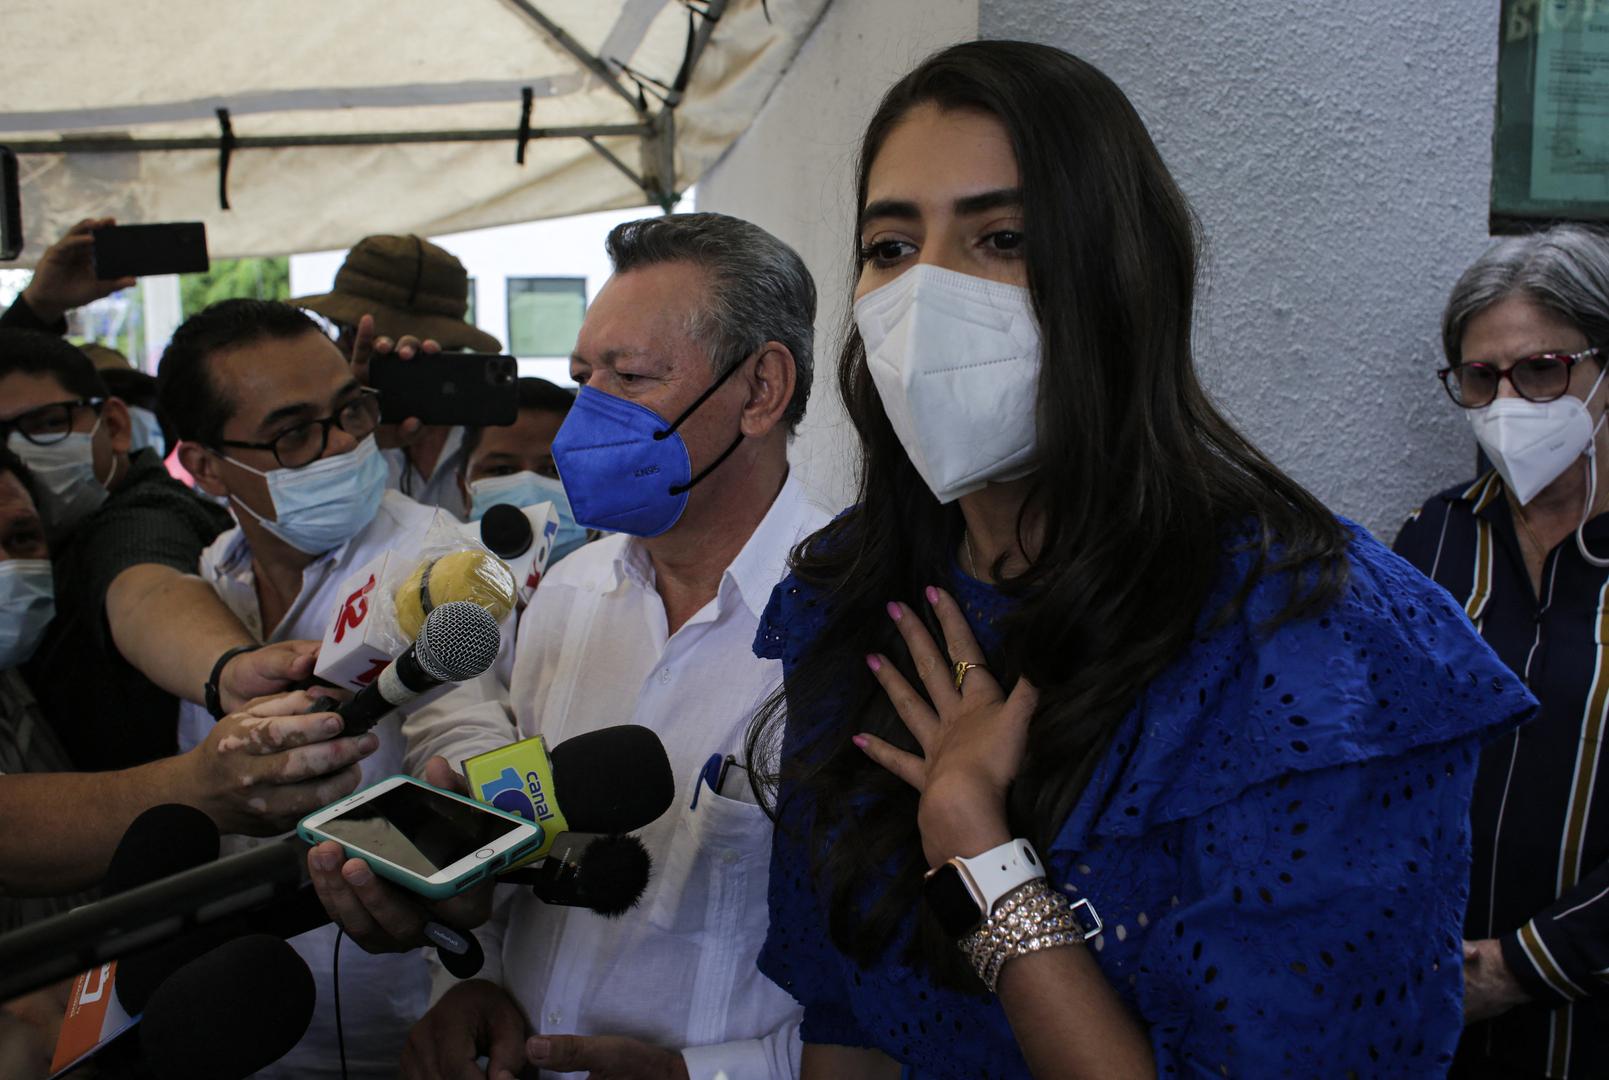 ملكة جمال سابقة في نيكاراغوا قيد الاعتقال بتهمة